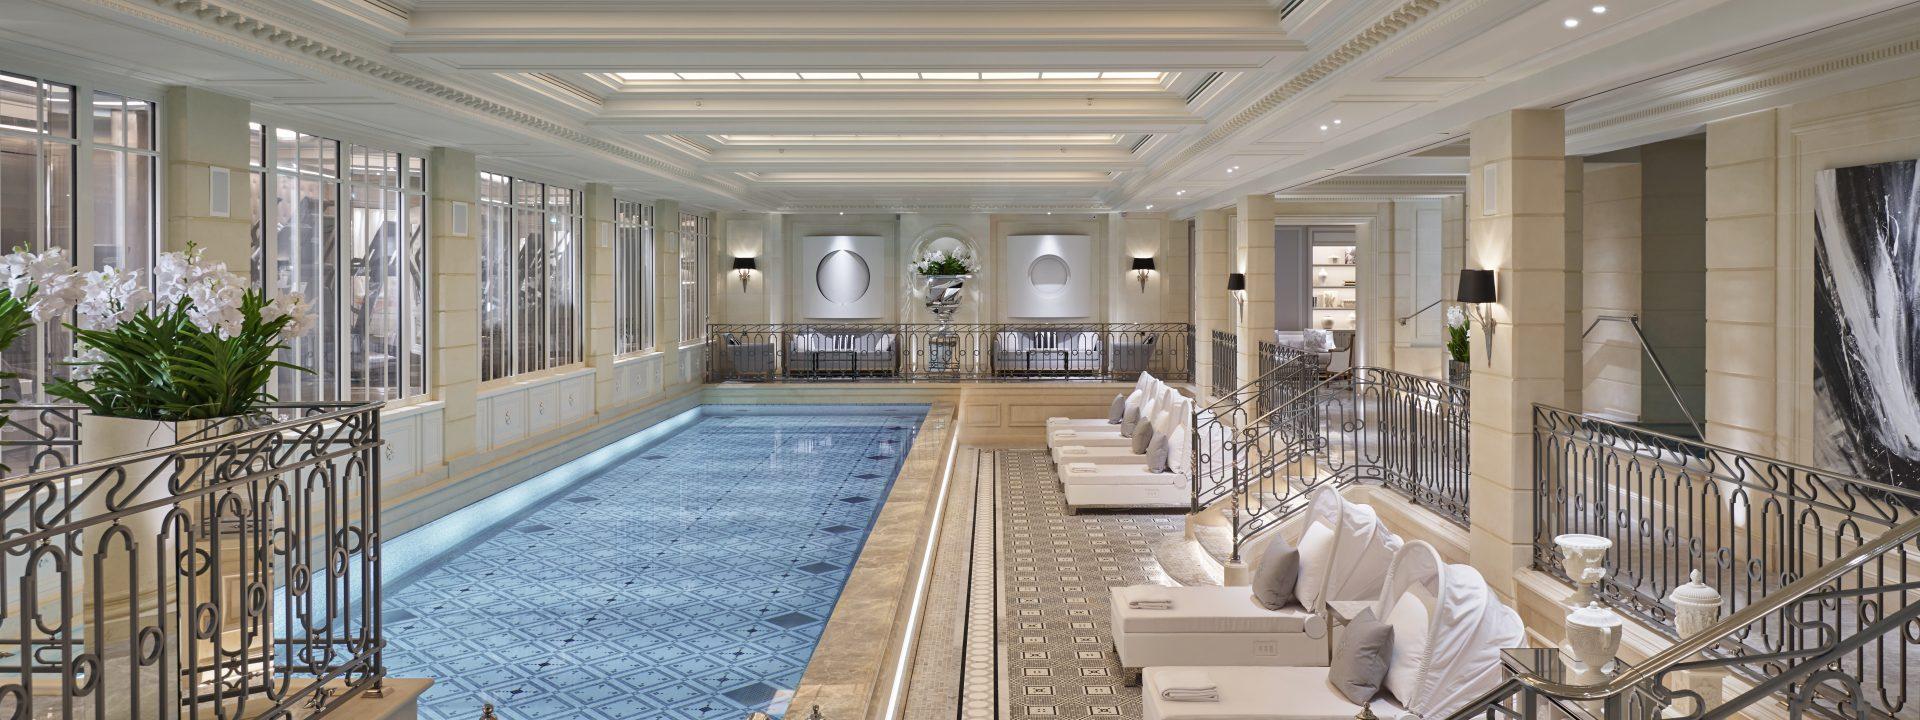 Ooh la la: Four Seasons Hotel George V unveils new luxury Le Spa